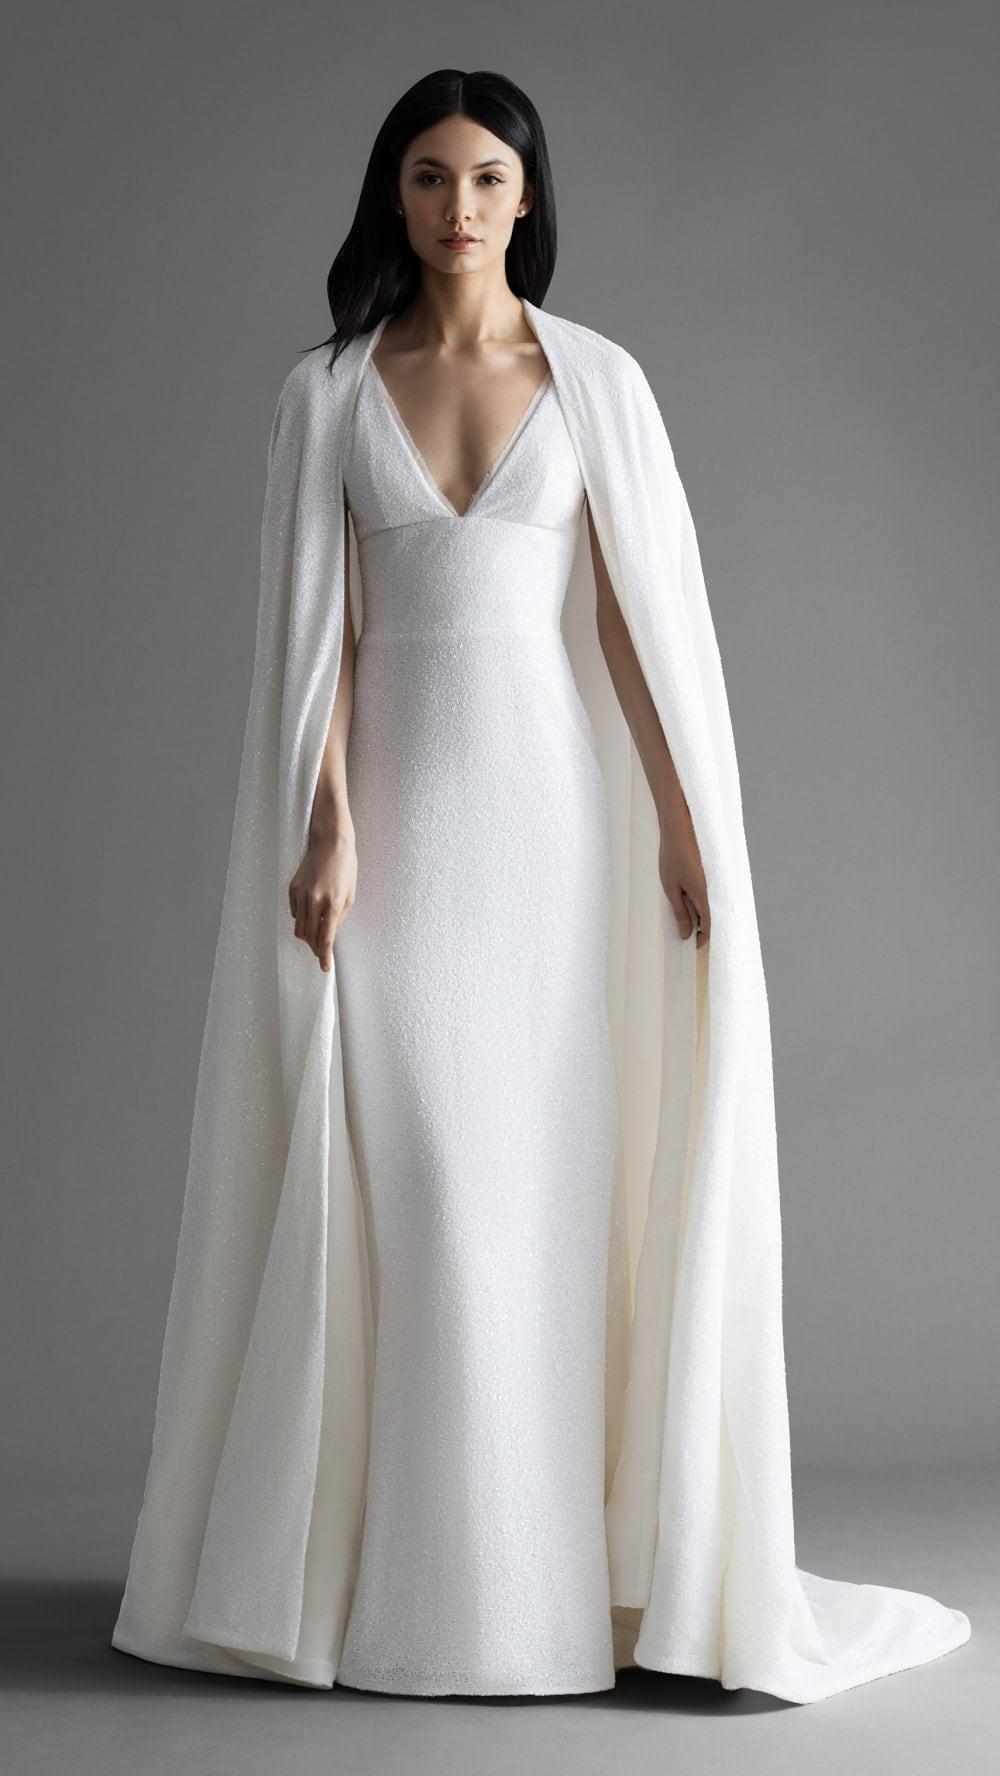 wedding dressesallison webb spring 2019  dress for